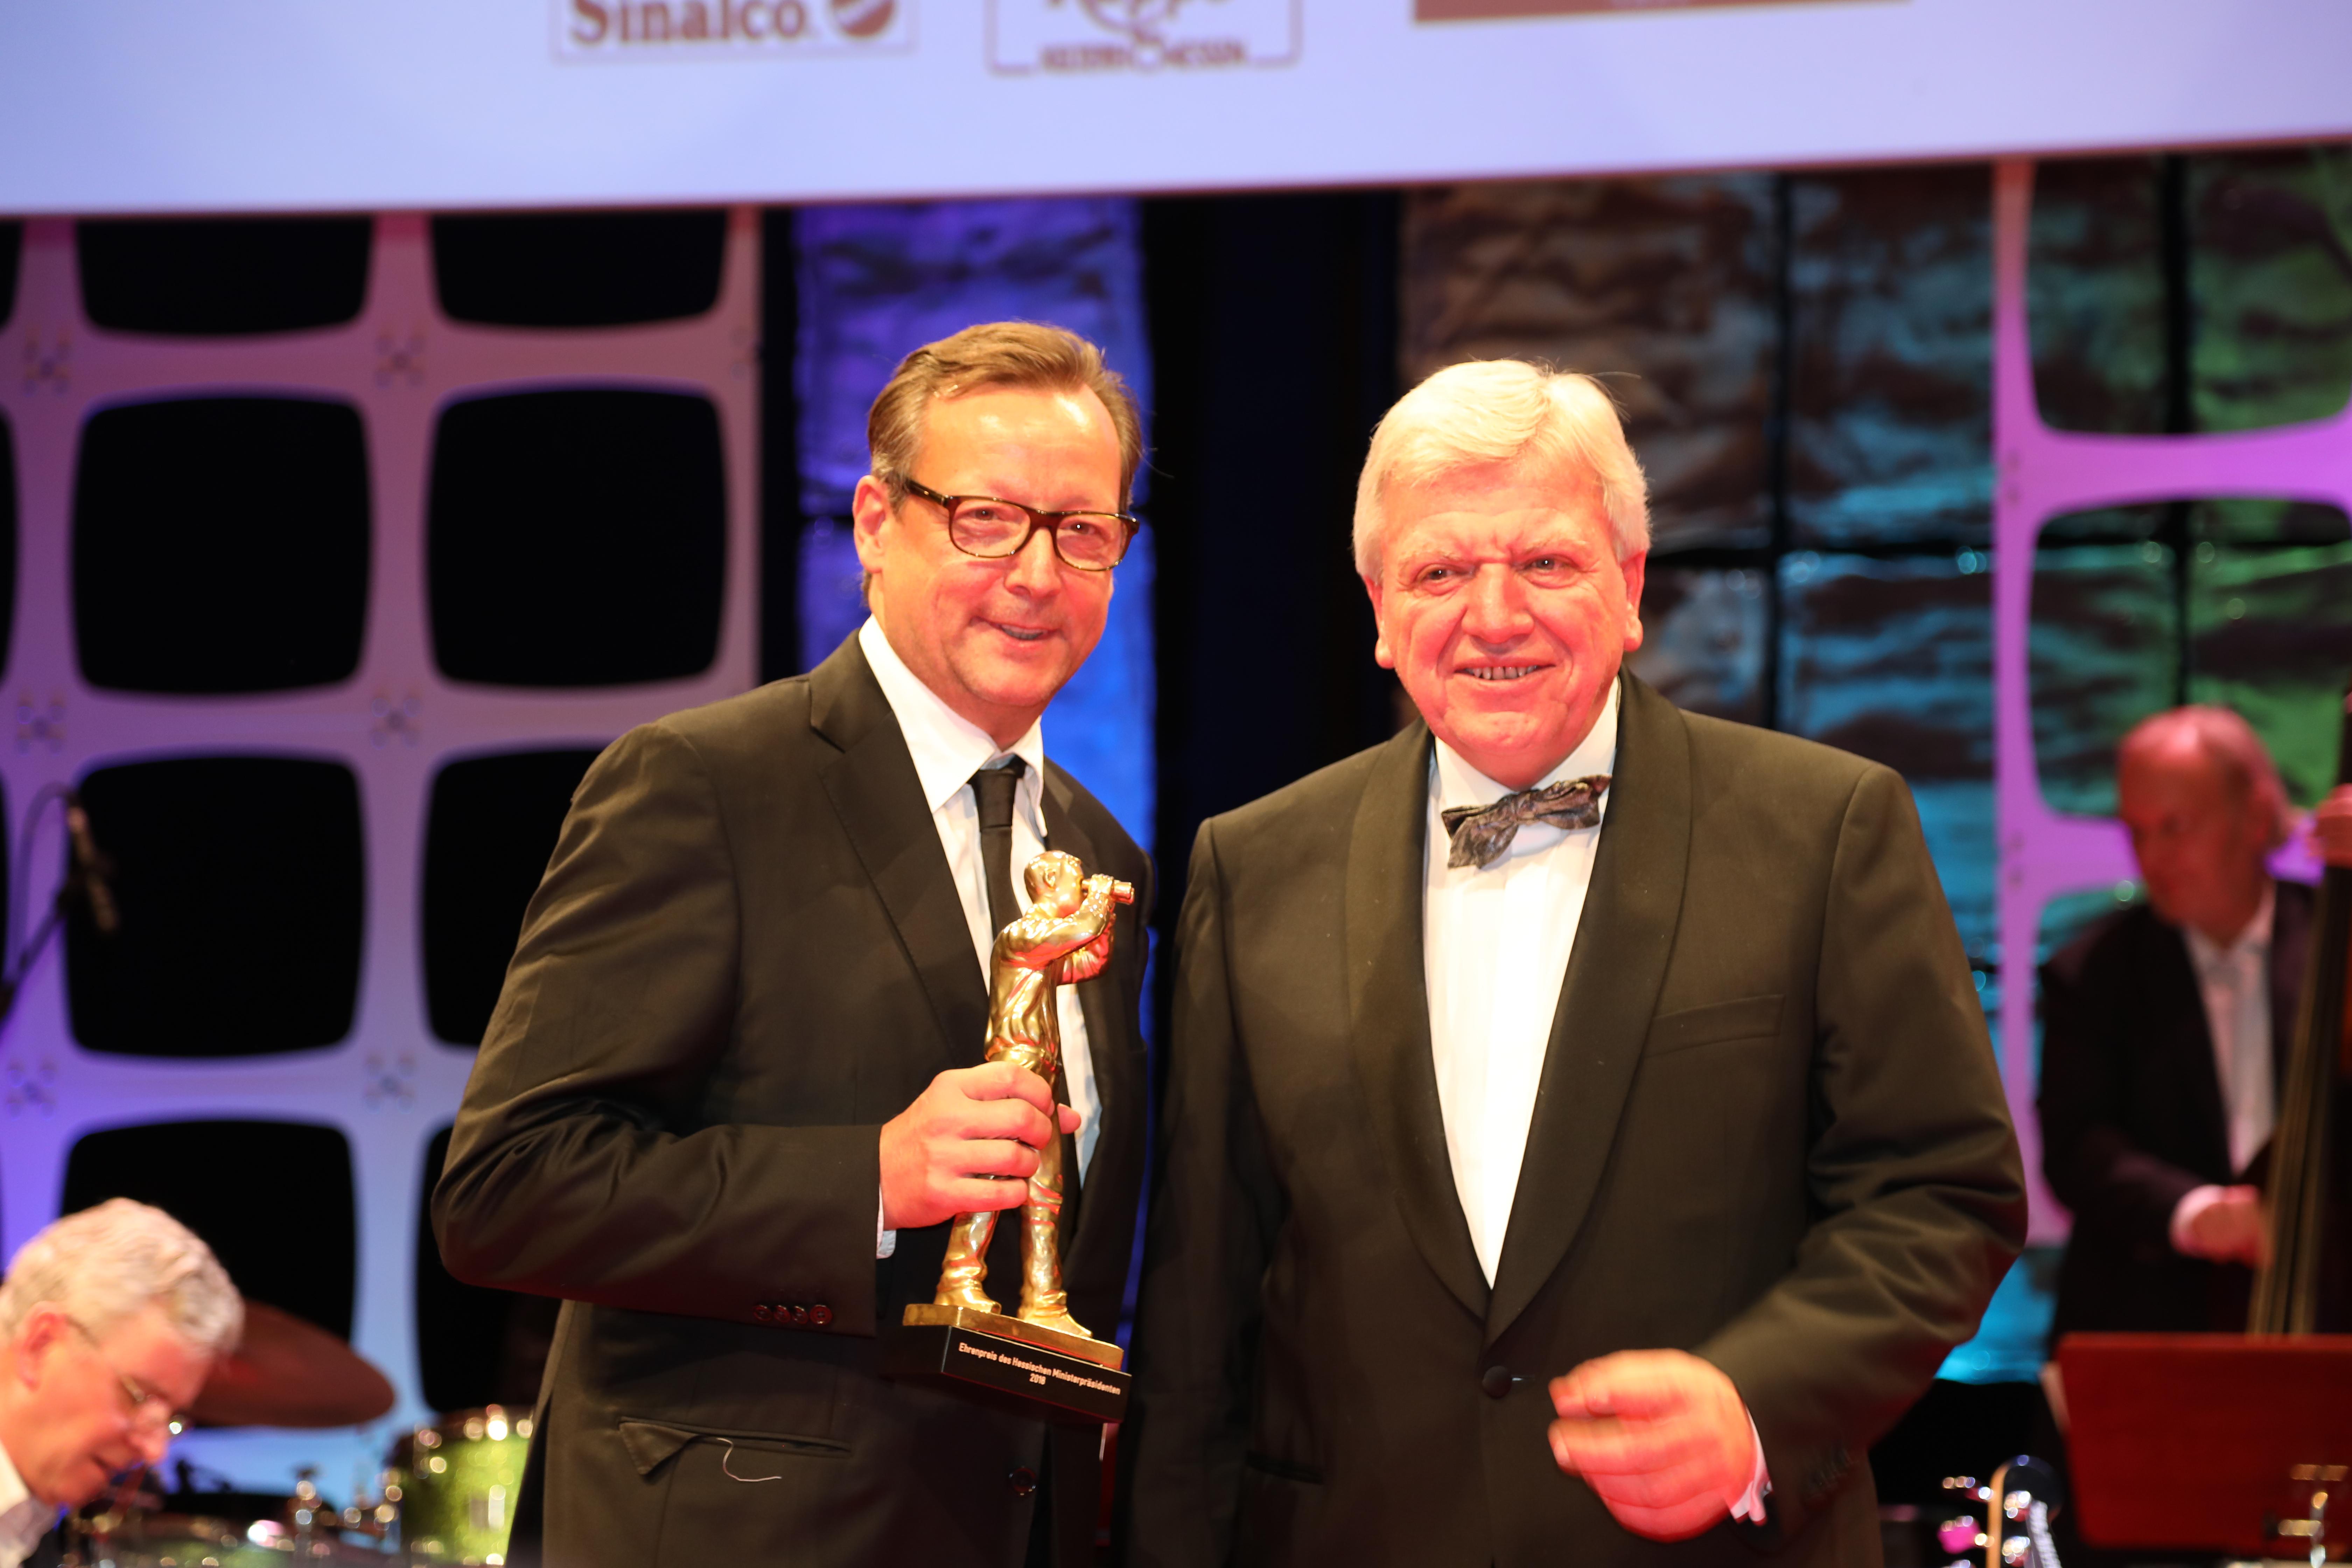 File Hessischer Filmpreis 2018 Matthias Brandt Volker Bouffier 1 Jpg Wikimedia Commons